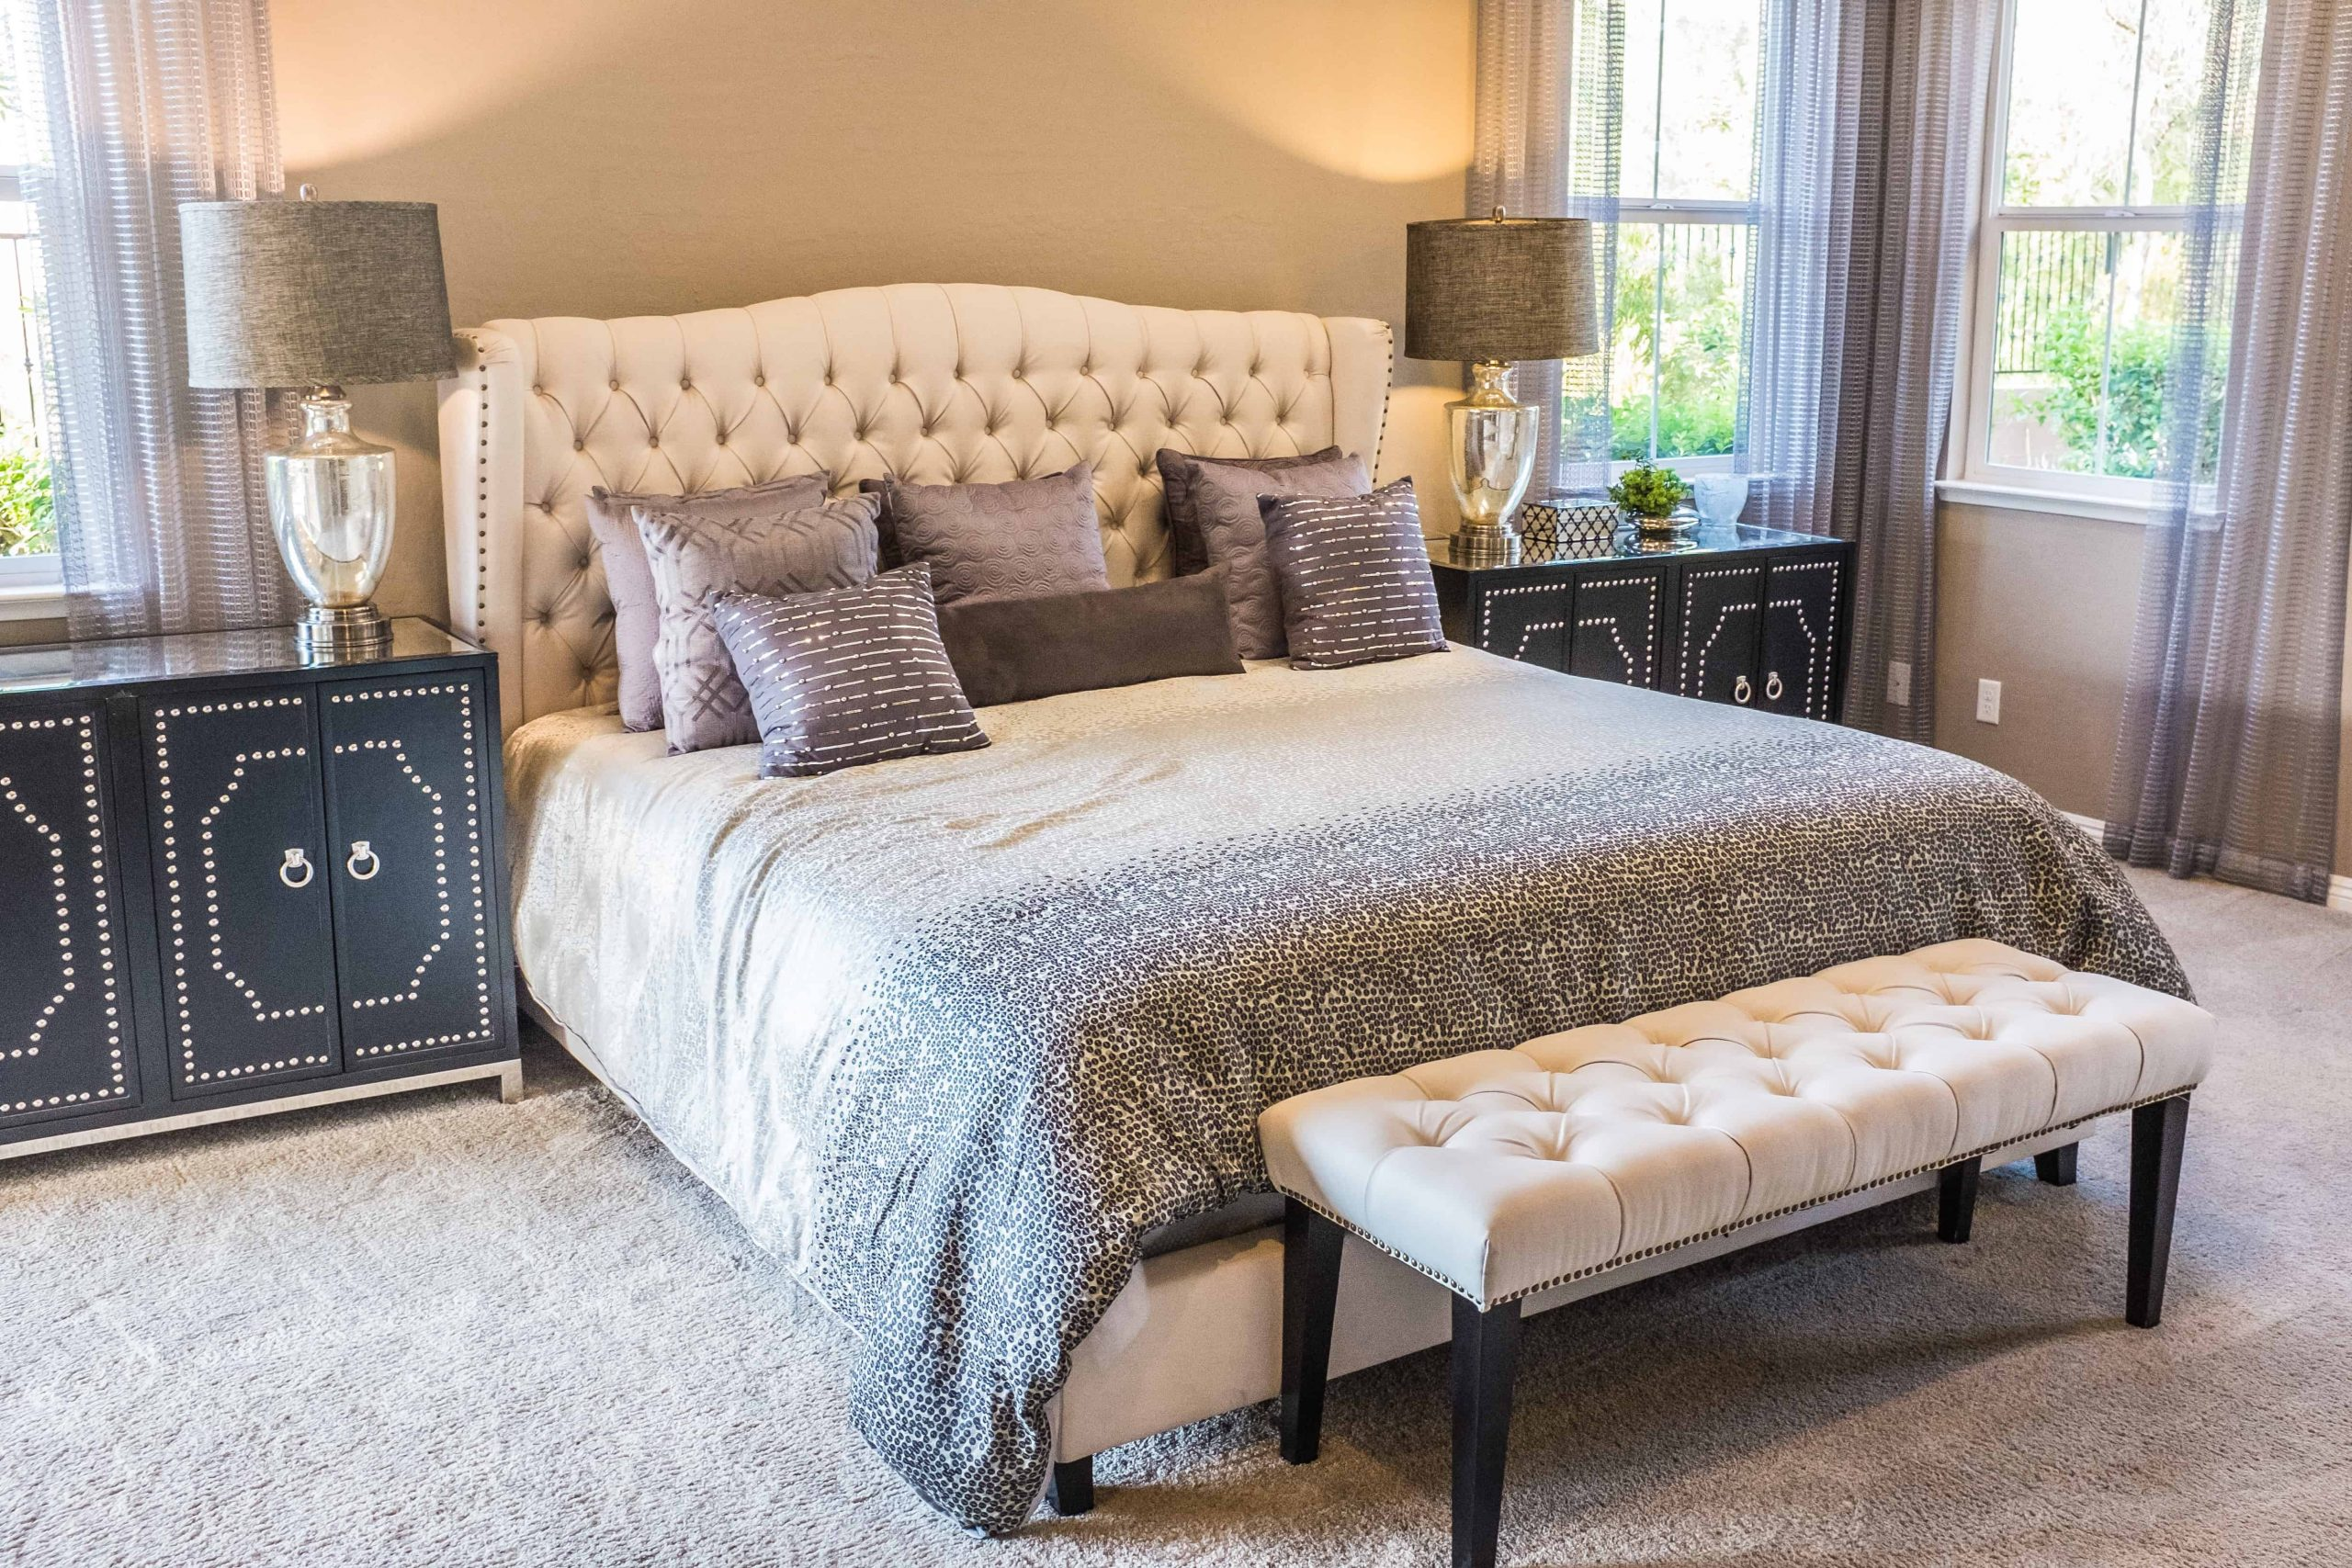 Full Size of Amerikanische Betten Holz Amerikanisches Bett Beziehen Mit Vielen Kissen Selber Bauen Bettzeug Bettgestell King Size Kaufen Hoch Polsterbett Test Empfehlungen Bett Amerikanisches Bett